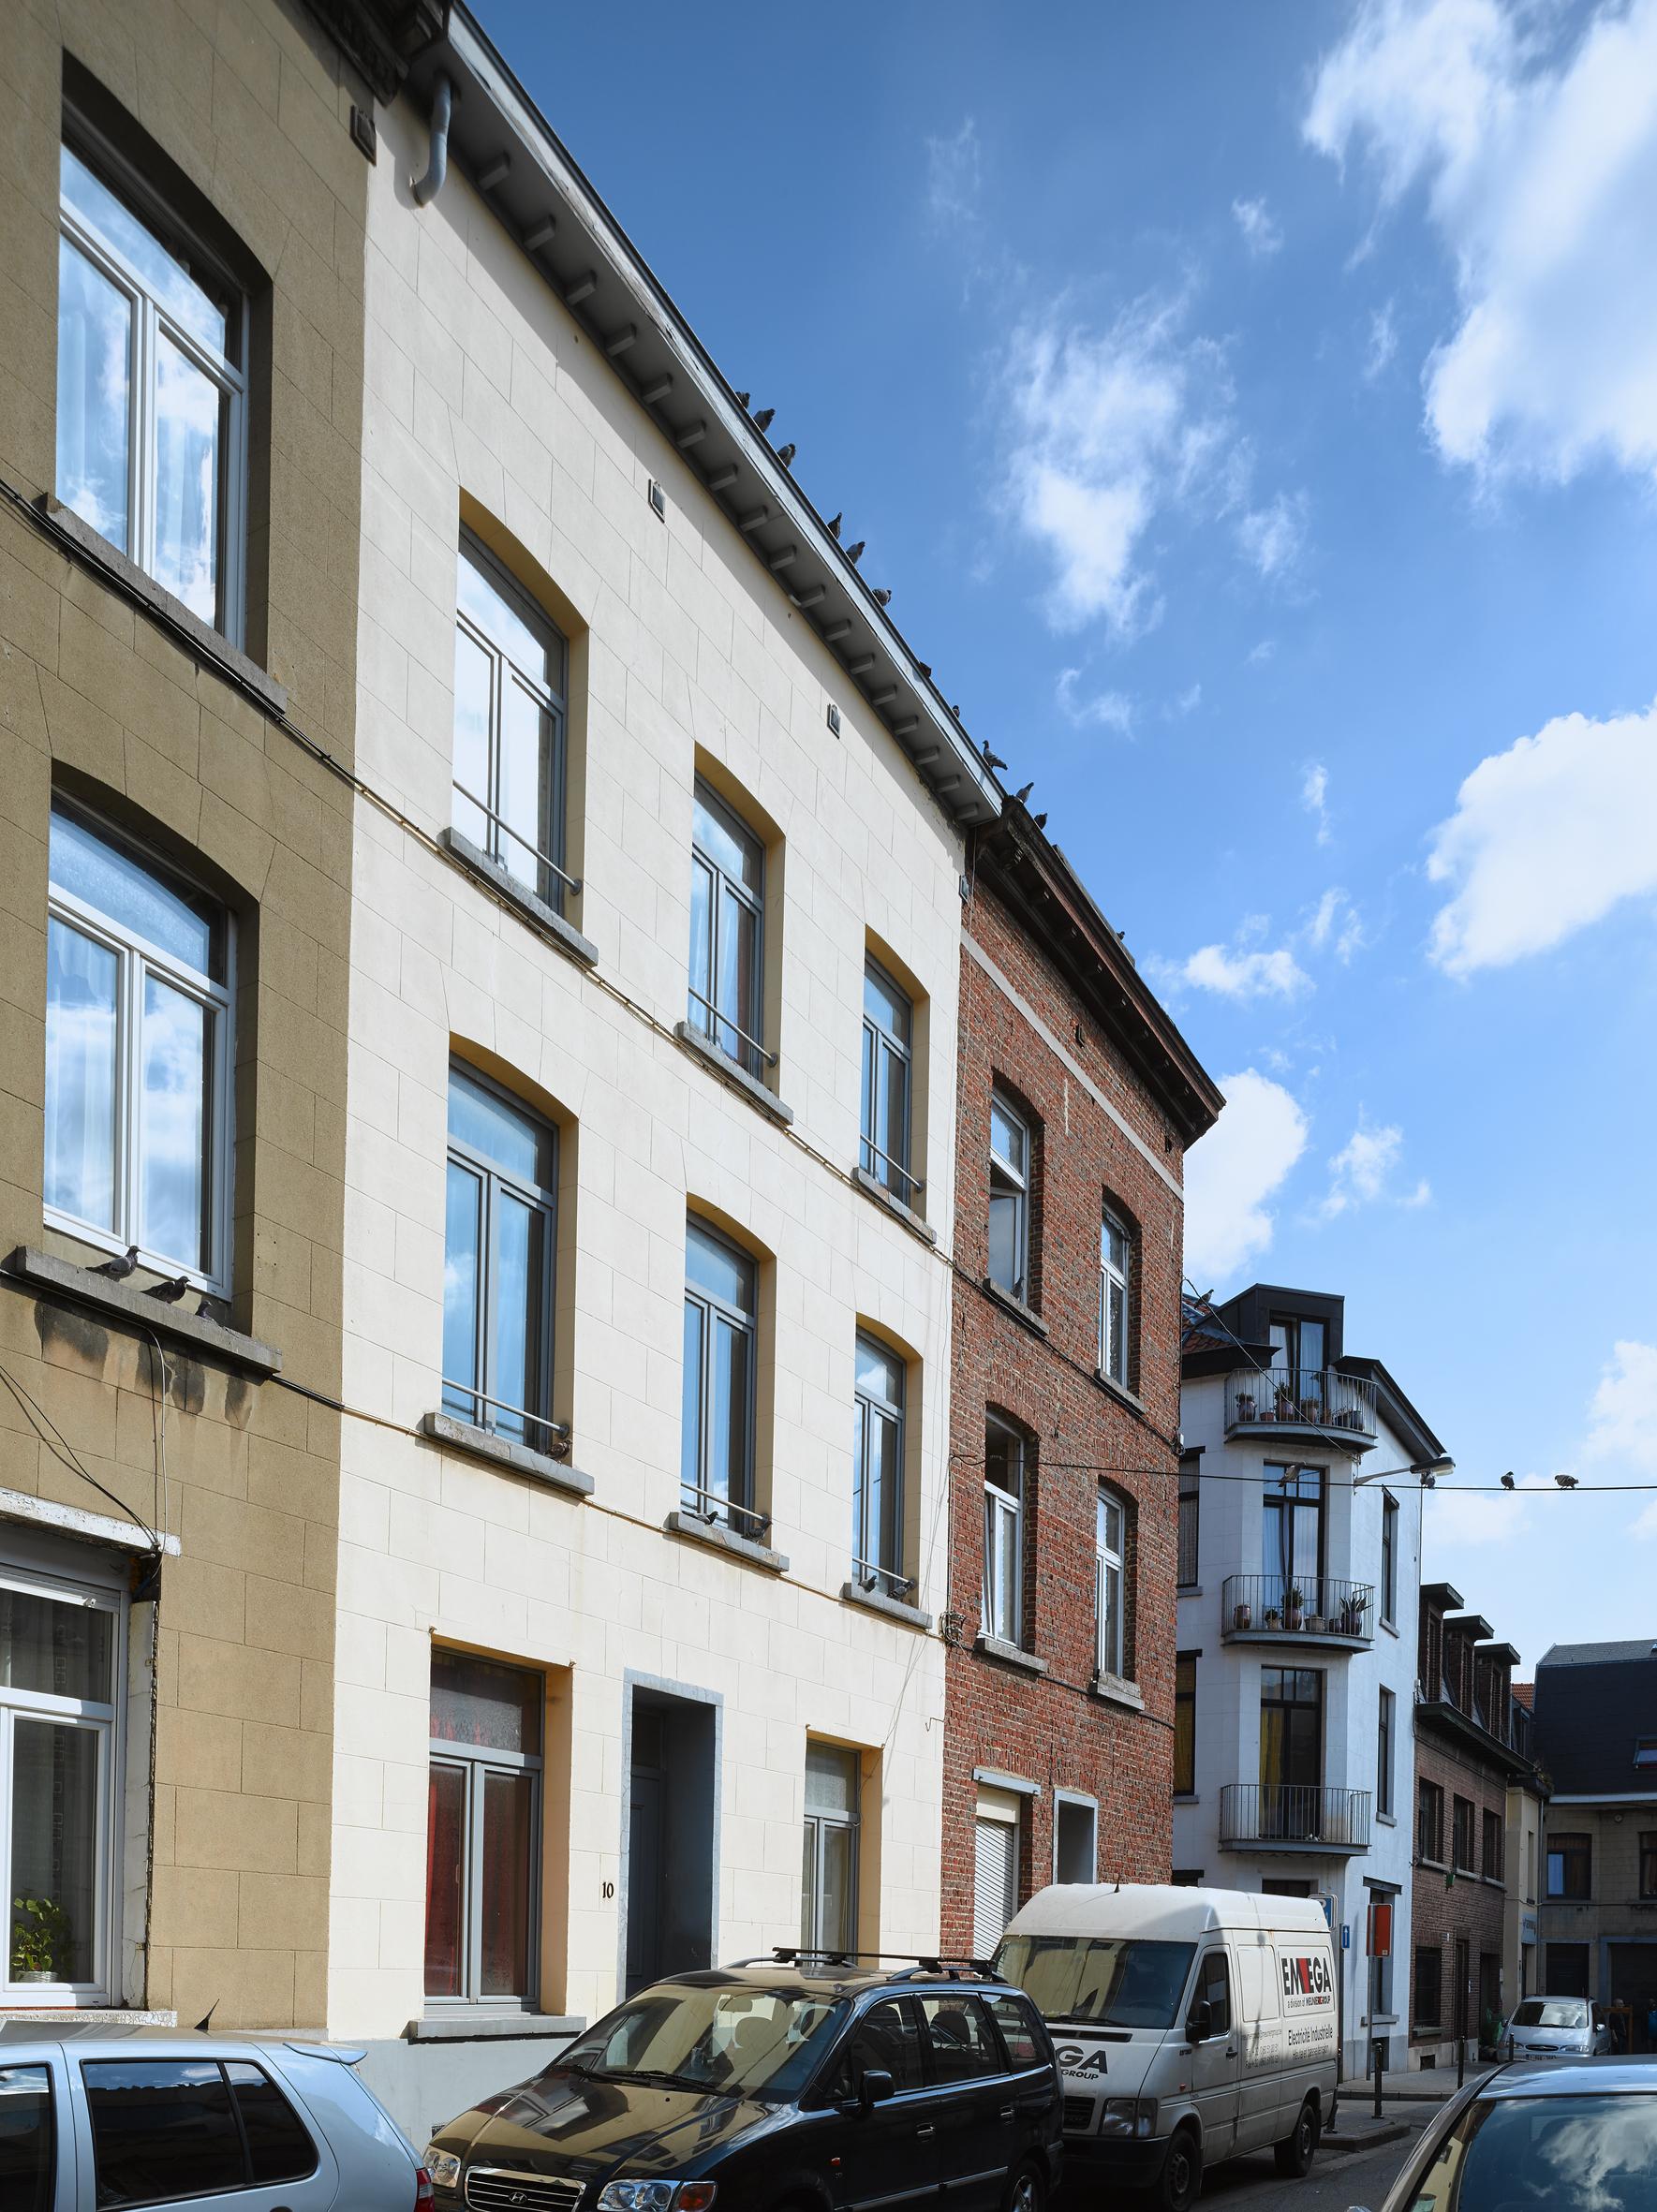 kwaliteitsvolle woningen aan een betaalbare huurprijs